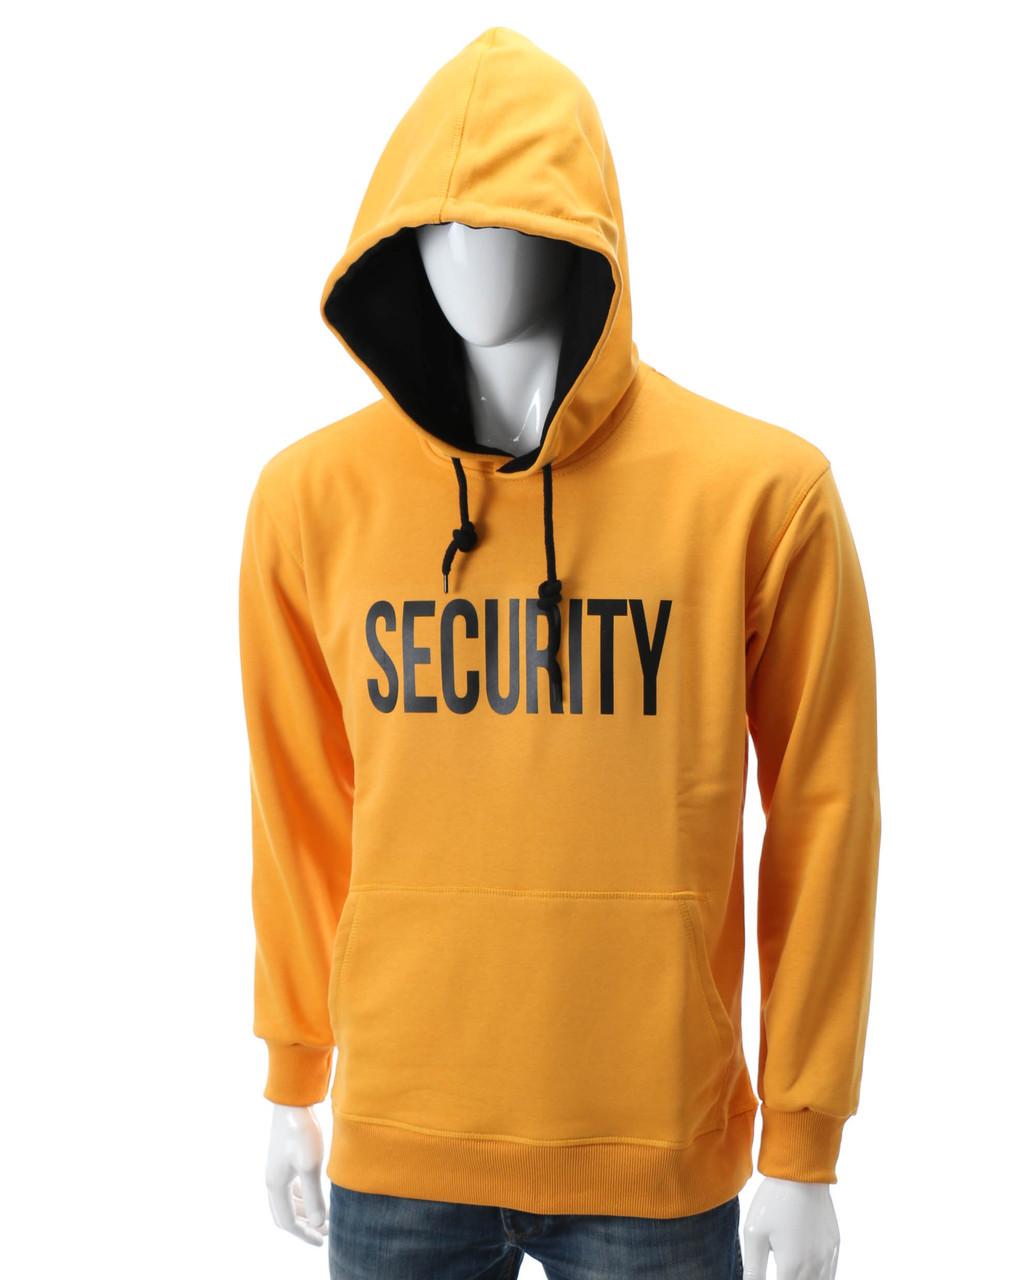 """Худи желтый HOPE с принтом """"SECURITY"""" Т-2 YEL L(Р) 20-577-201"""